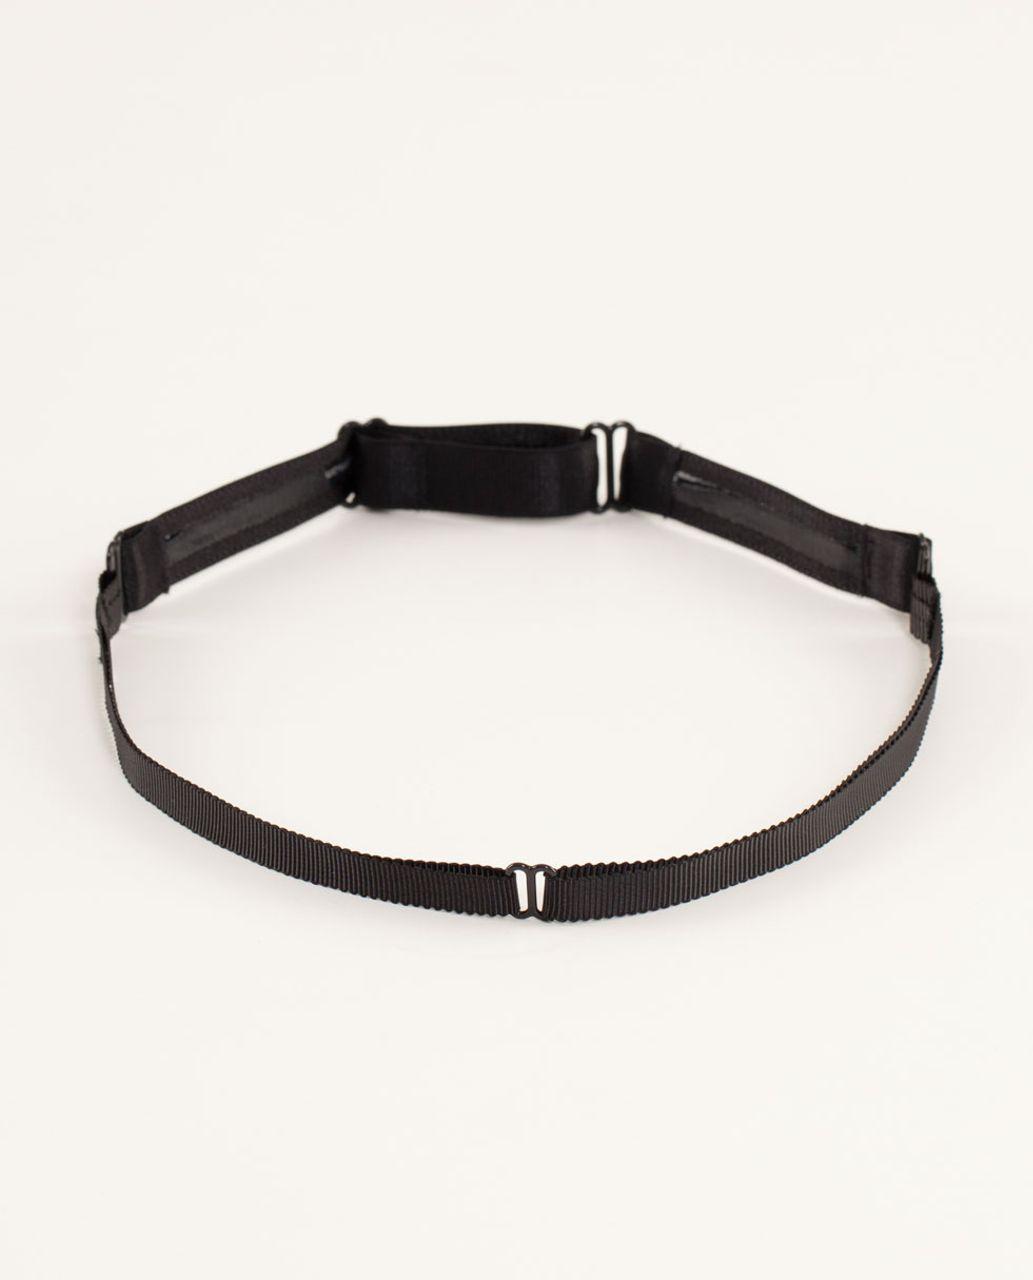 Lululemon Blissful Headband - Black